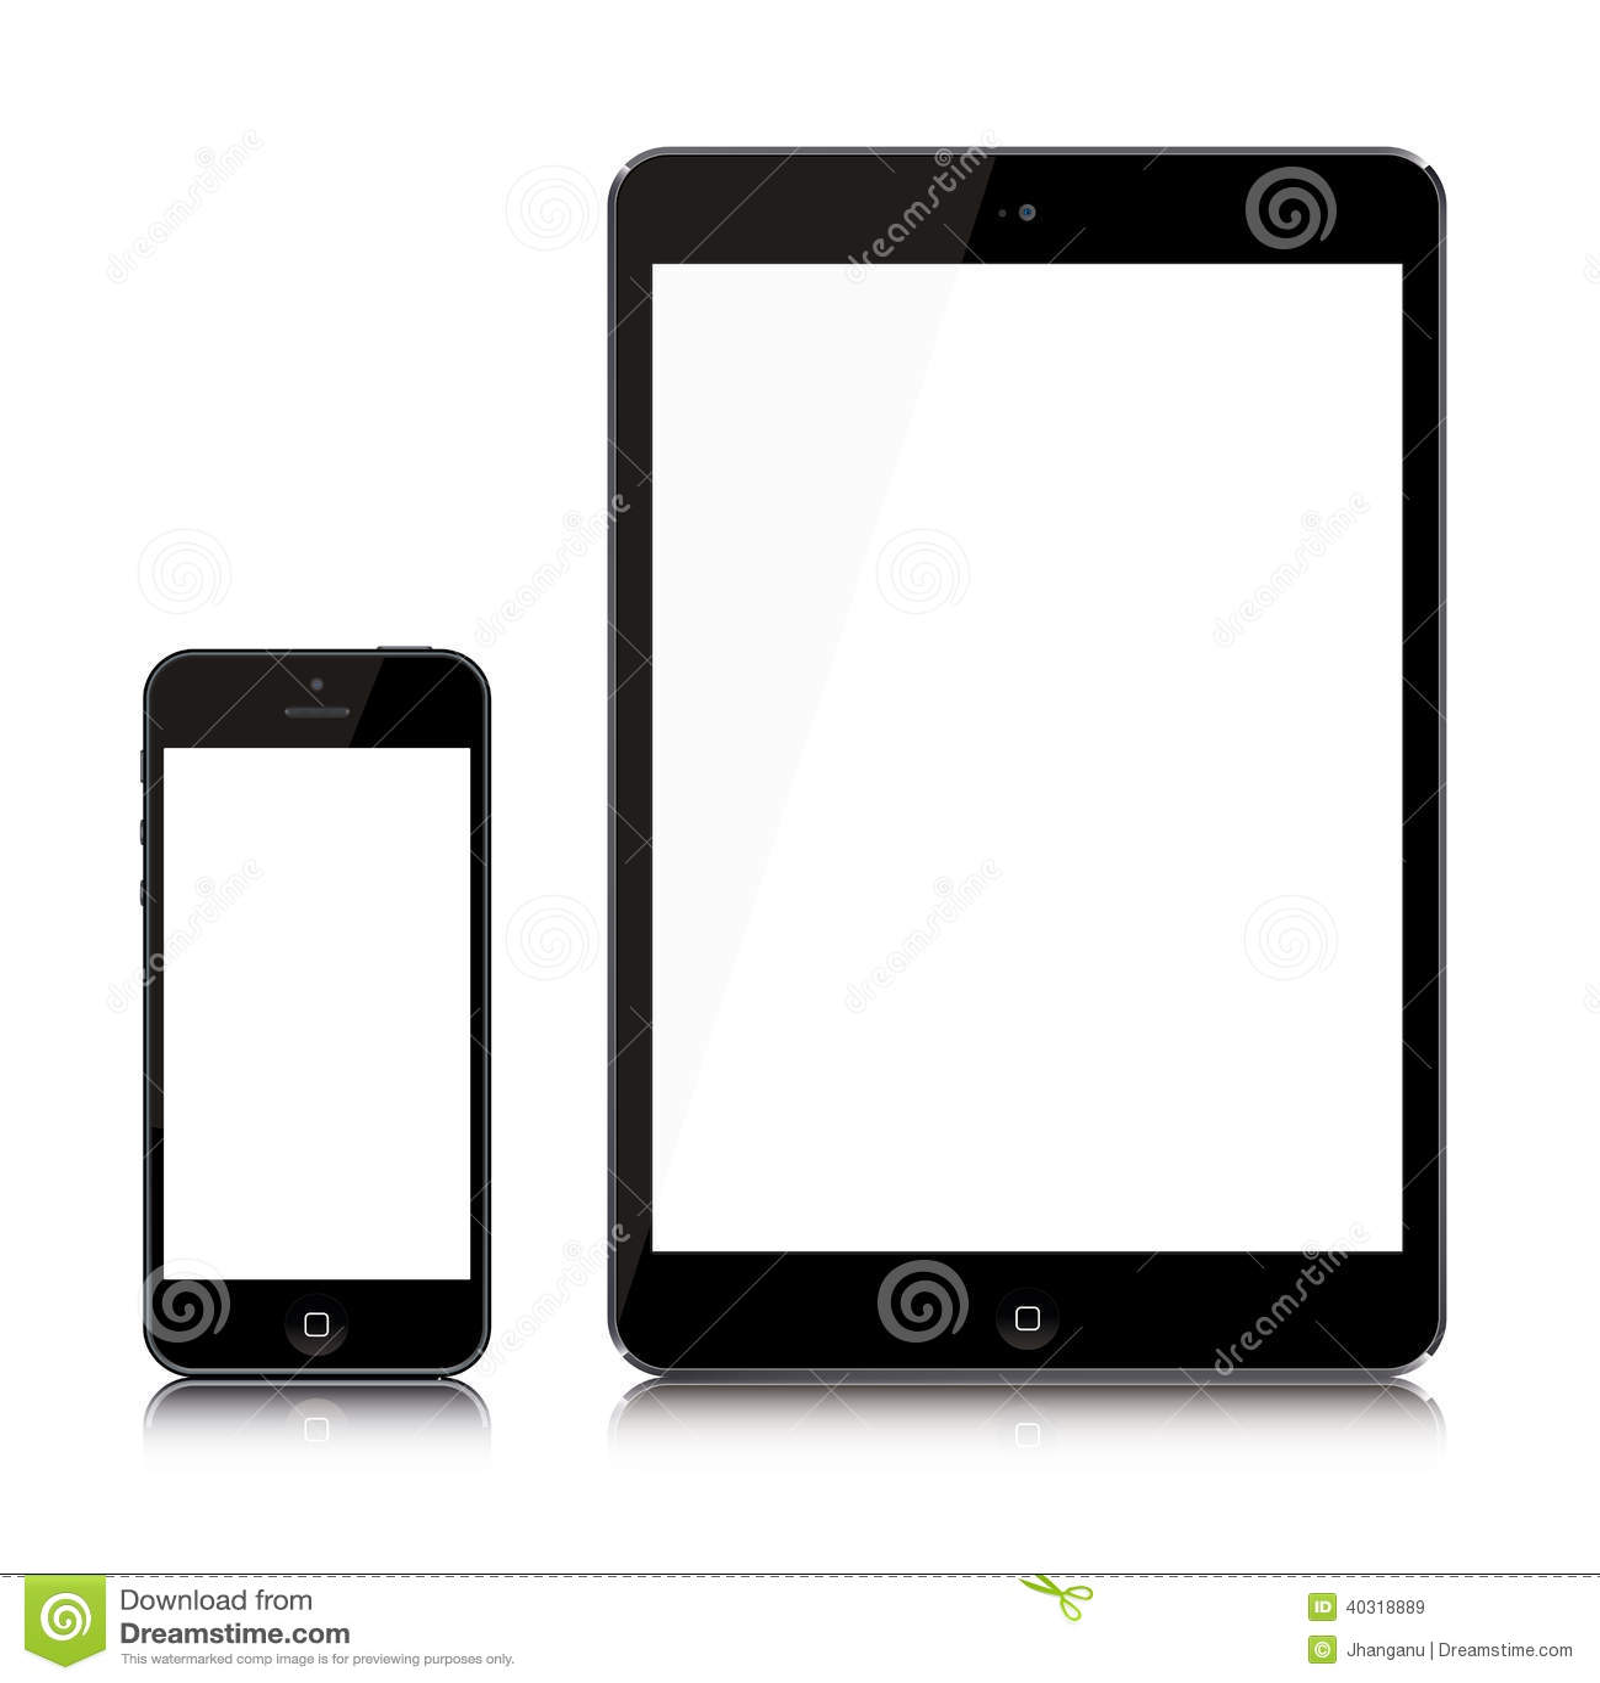 Le derniers iPad et iPhone